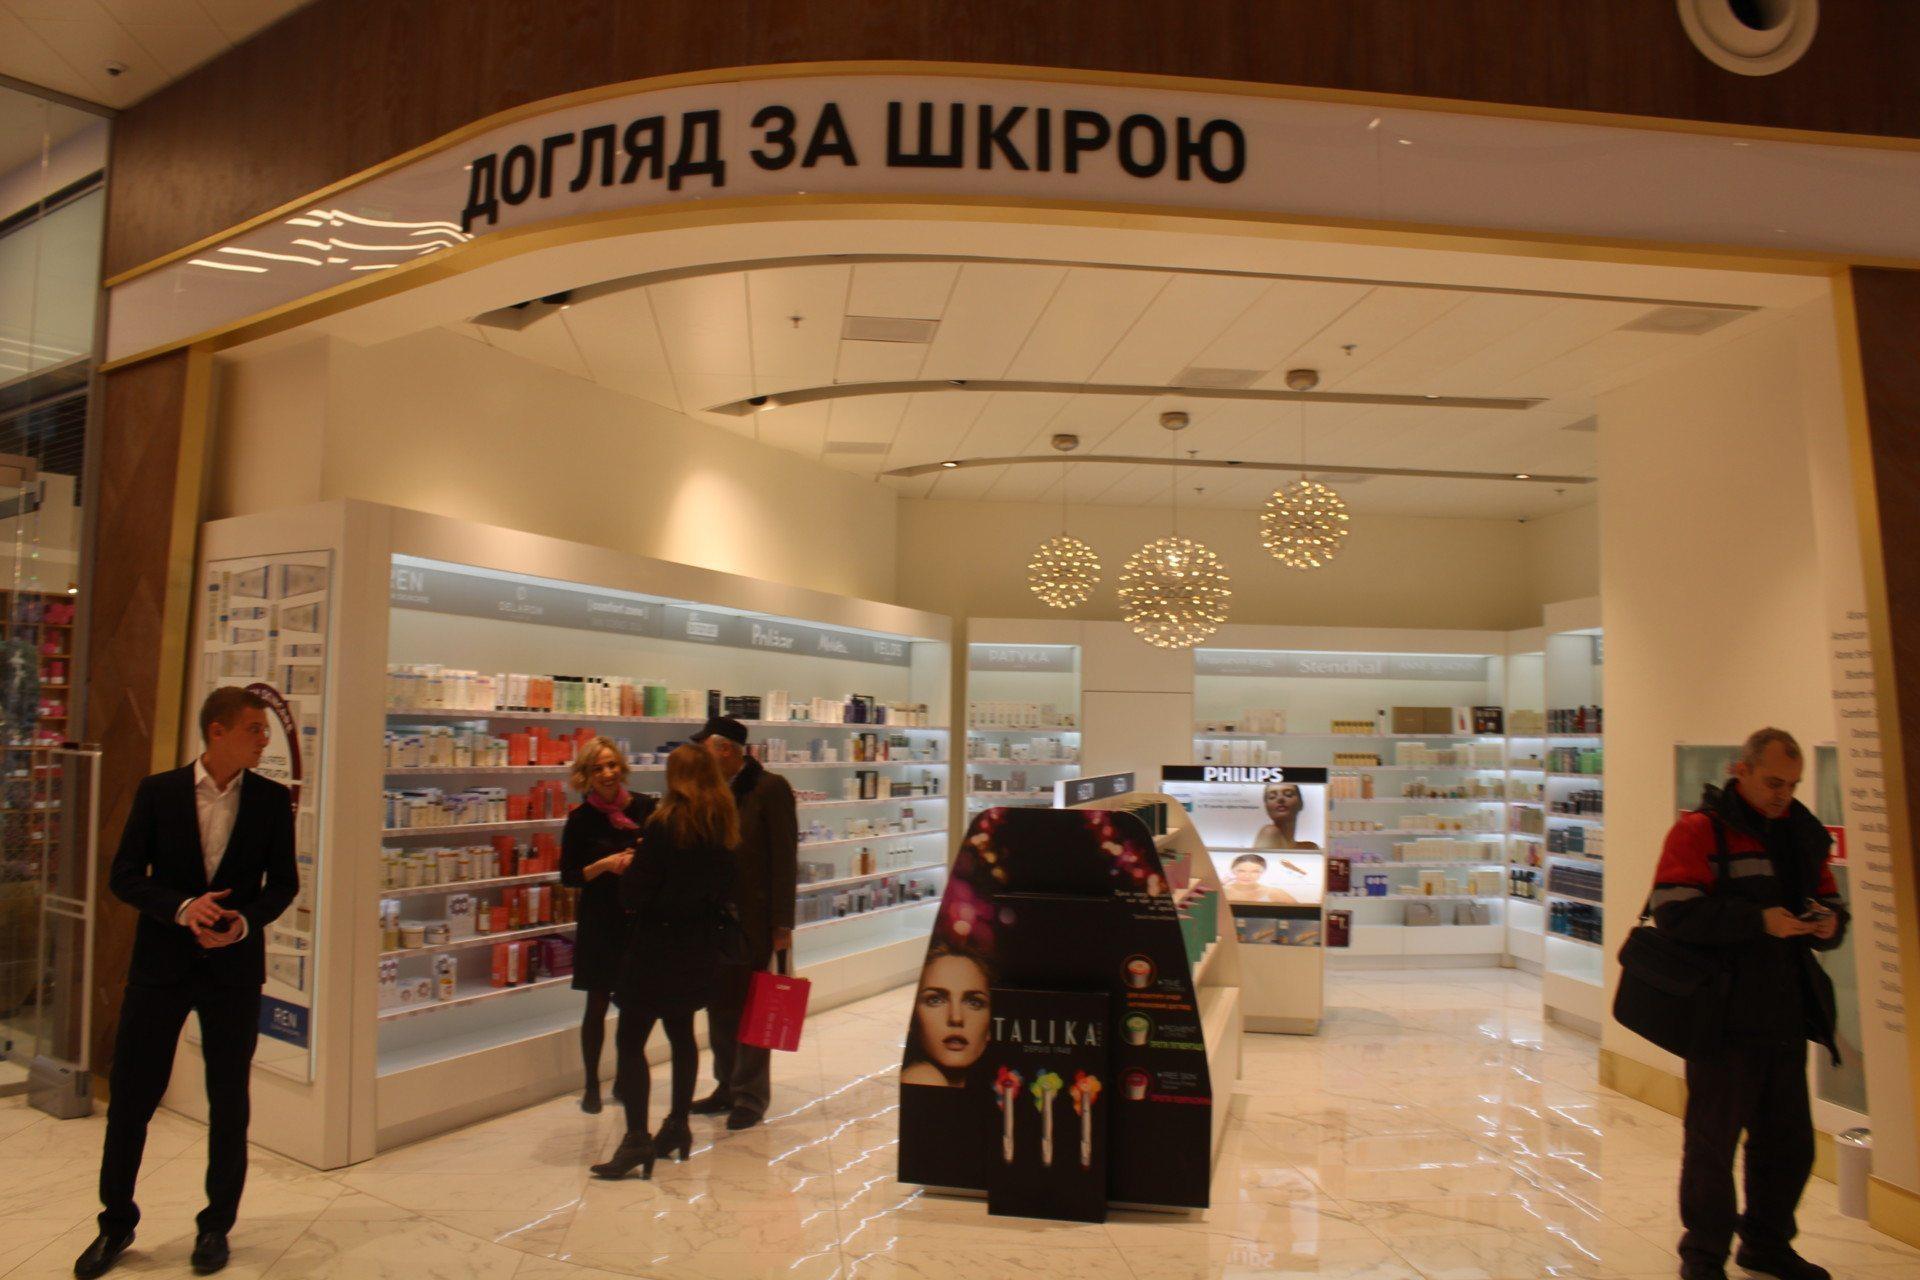 33238b68155b Что касается ассортимента, то в Центральном универмаге Бомонд сделал акцент  на эксклюзивно представленных в Украине брендах, либо же эксклюзивных  линиях уже ...